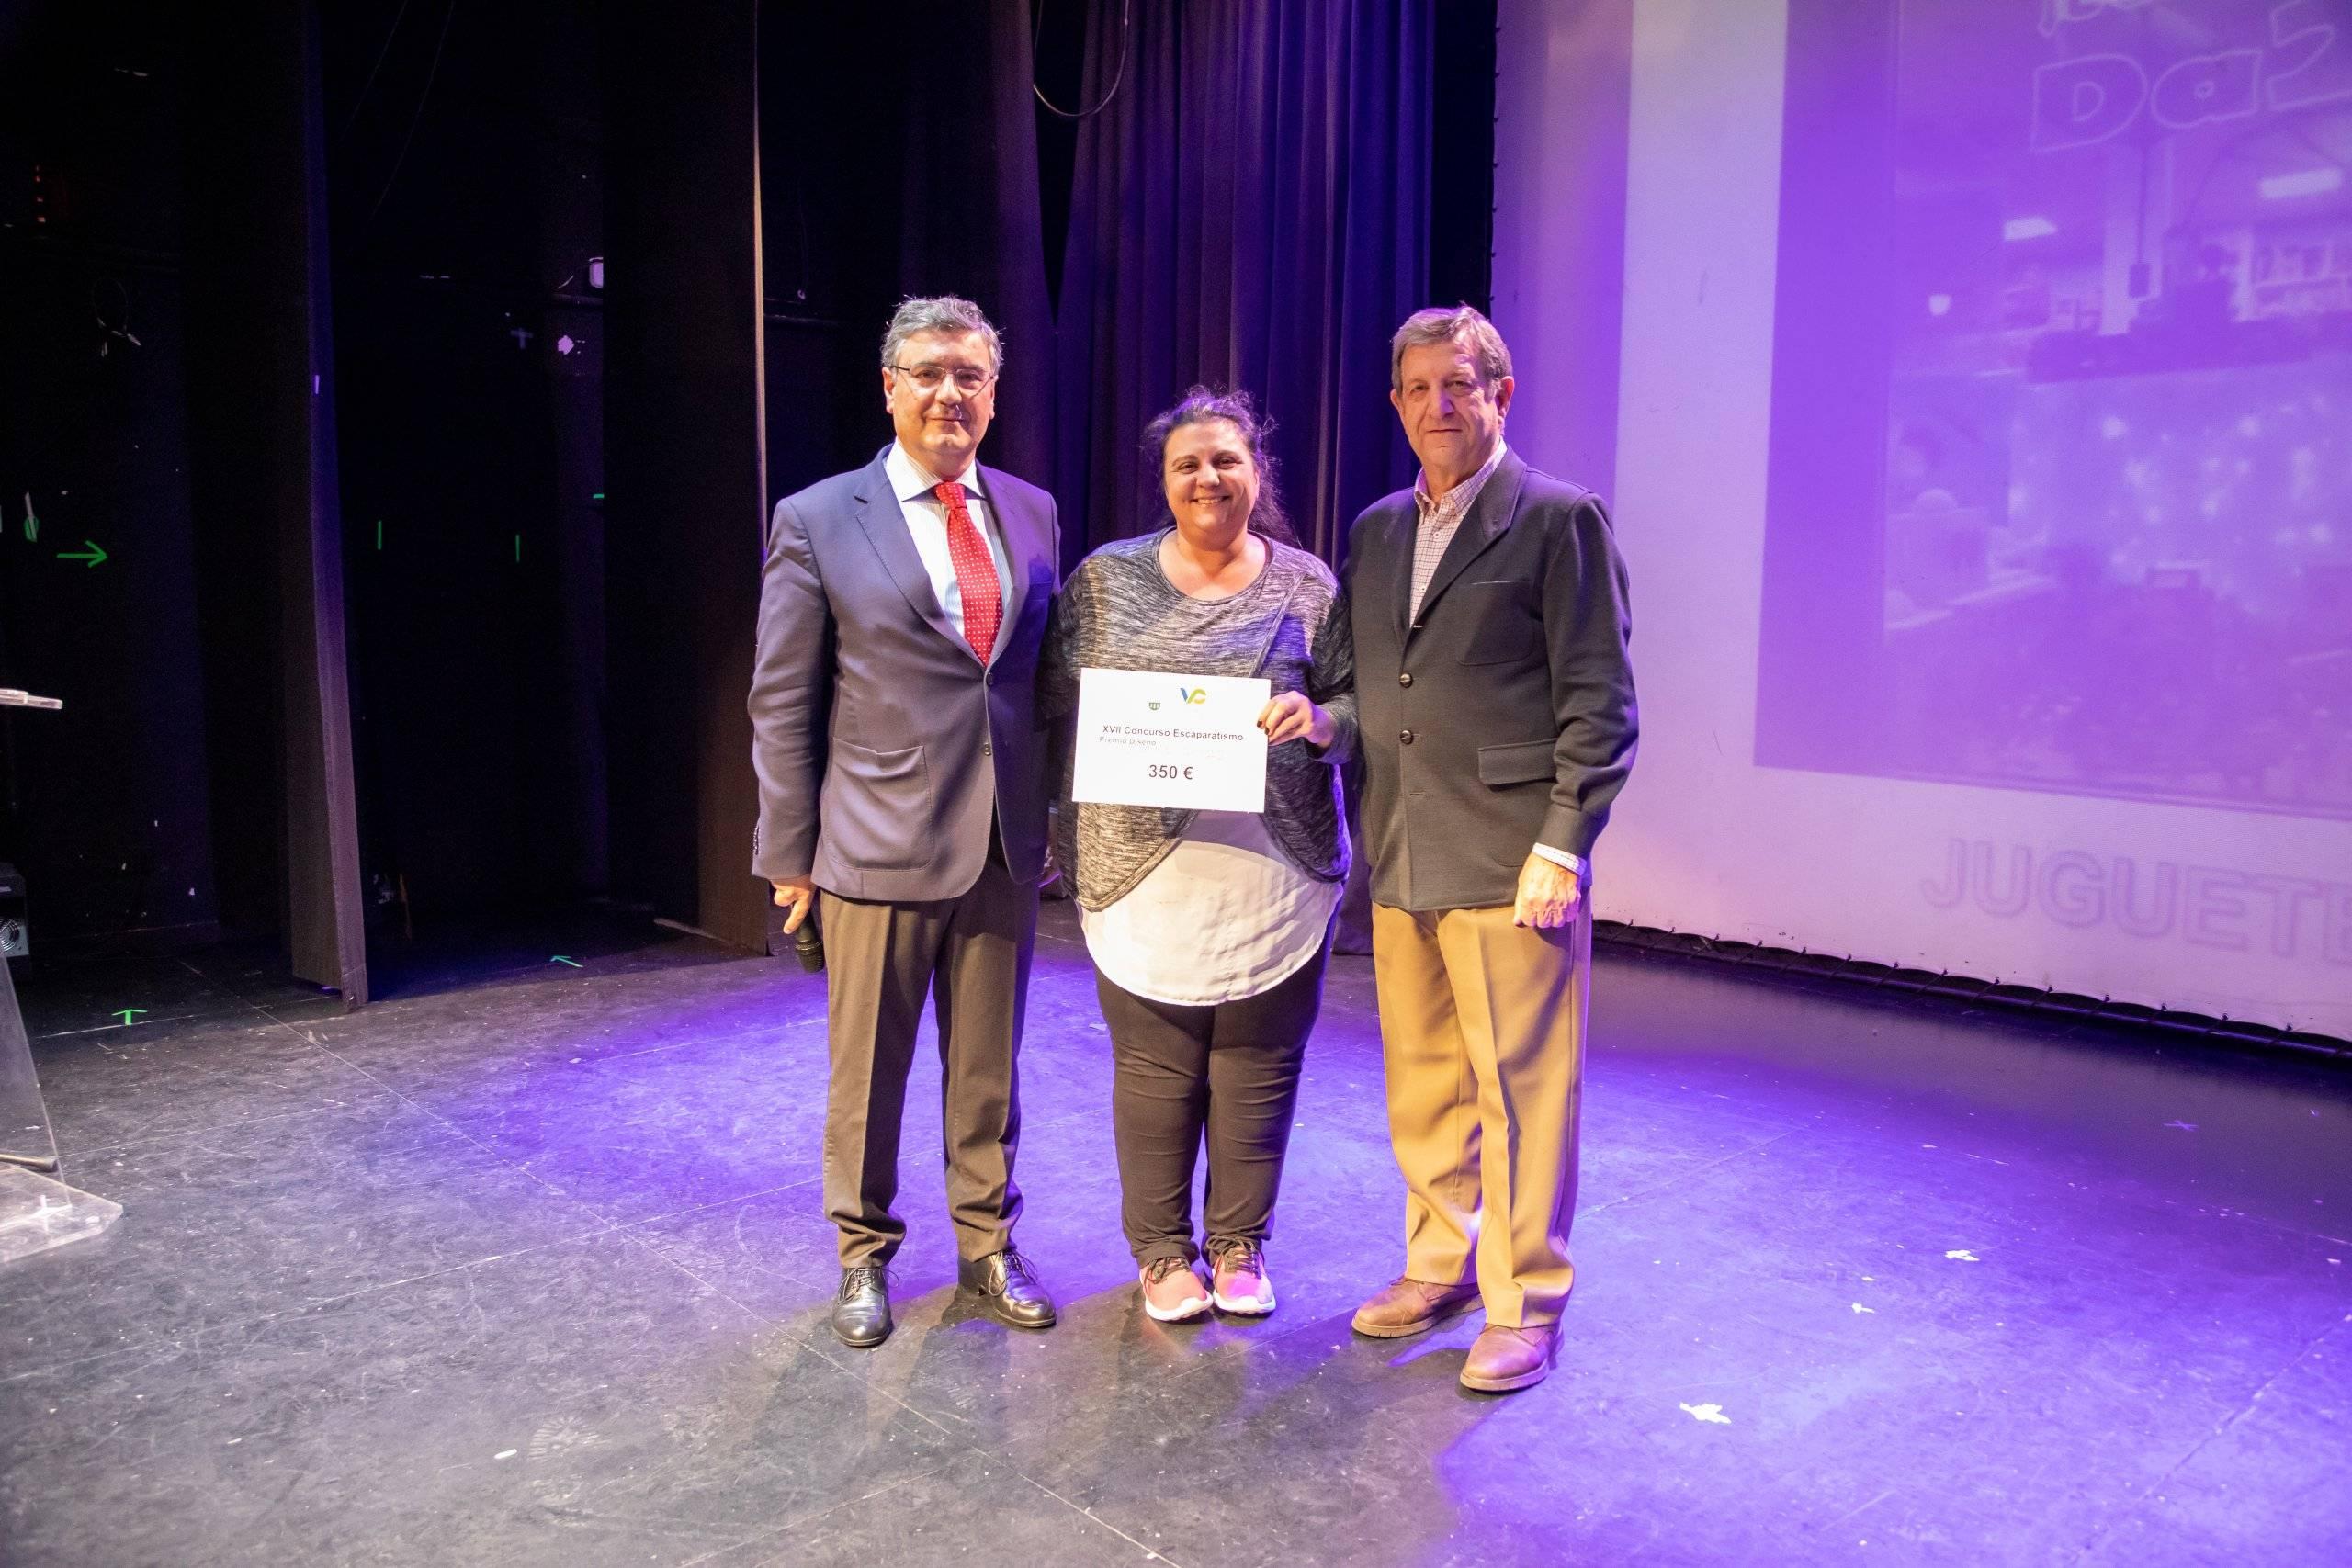 """El alcalde, Luis Partida, y el concejal de Desarrollo Local, Juan Miguel Gómez, entregando el premio a la representante de """"Da2""""."""